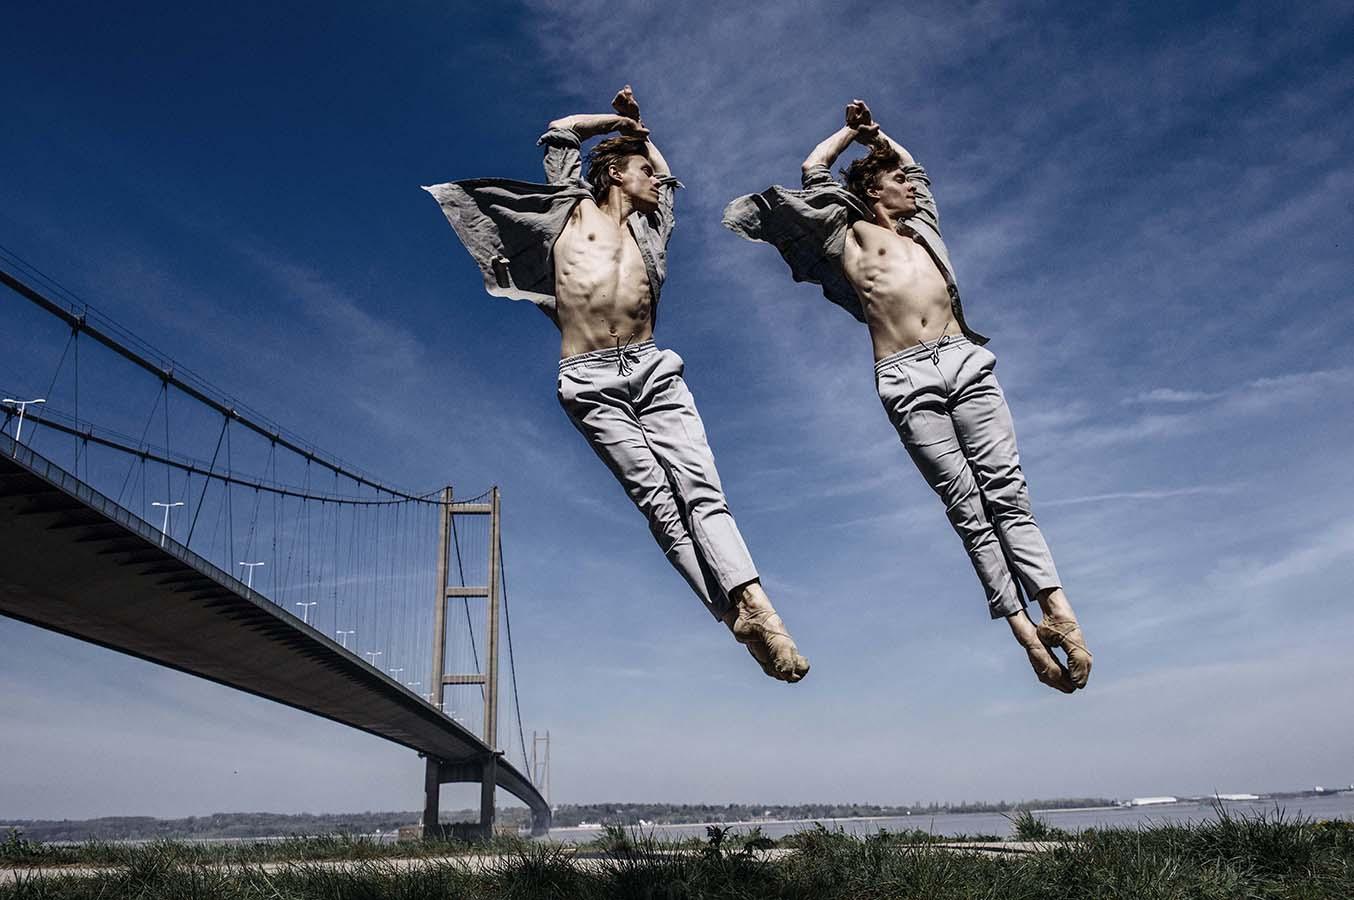 http://www.andyweekes.net/files/gimgs/1_balletdancershullaxw002insta.jpg